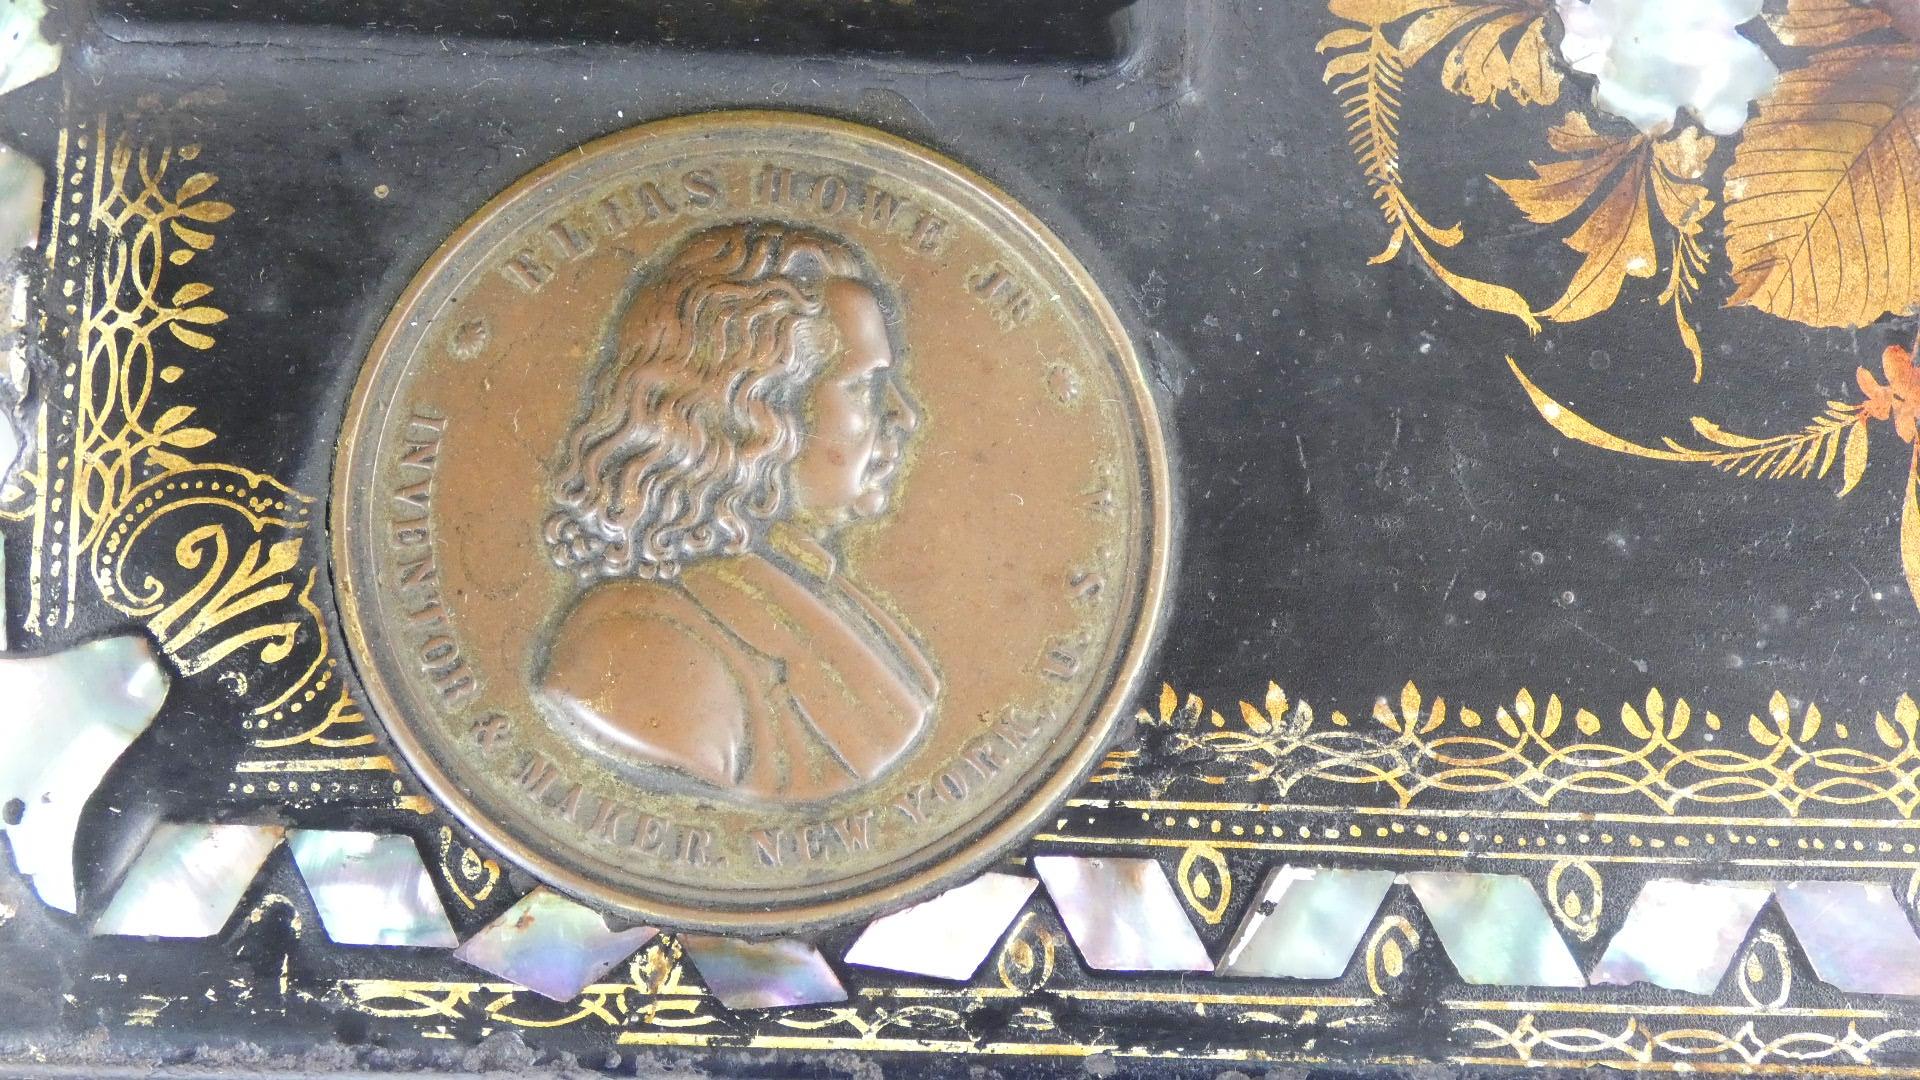 Imagen ELÍAS HOWE AÑO 1872, USA 43377